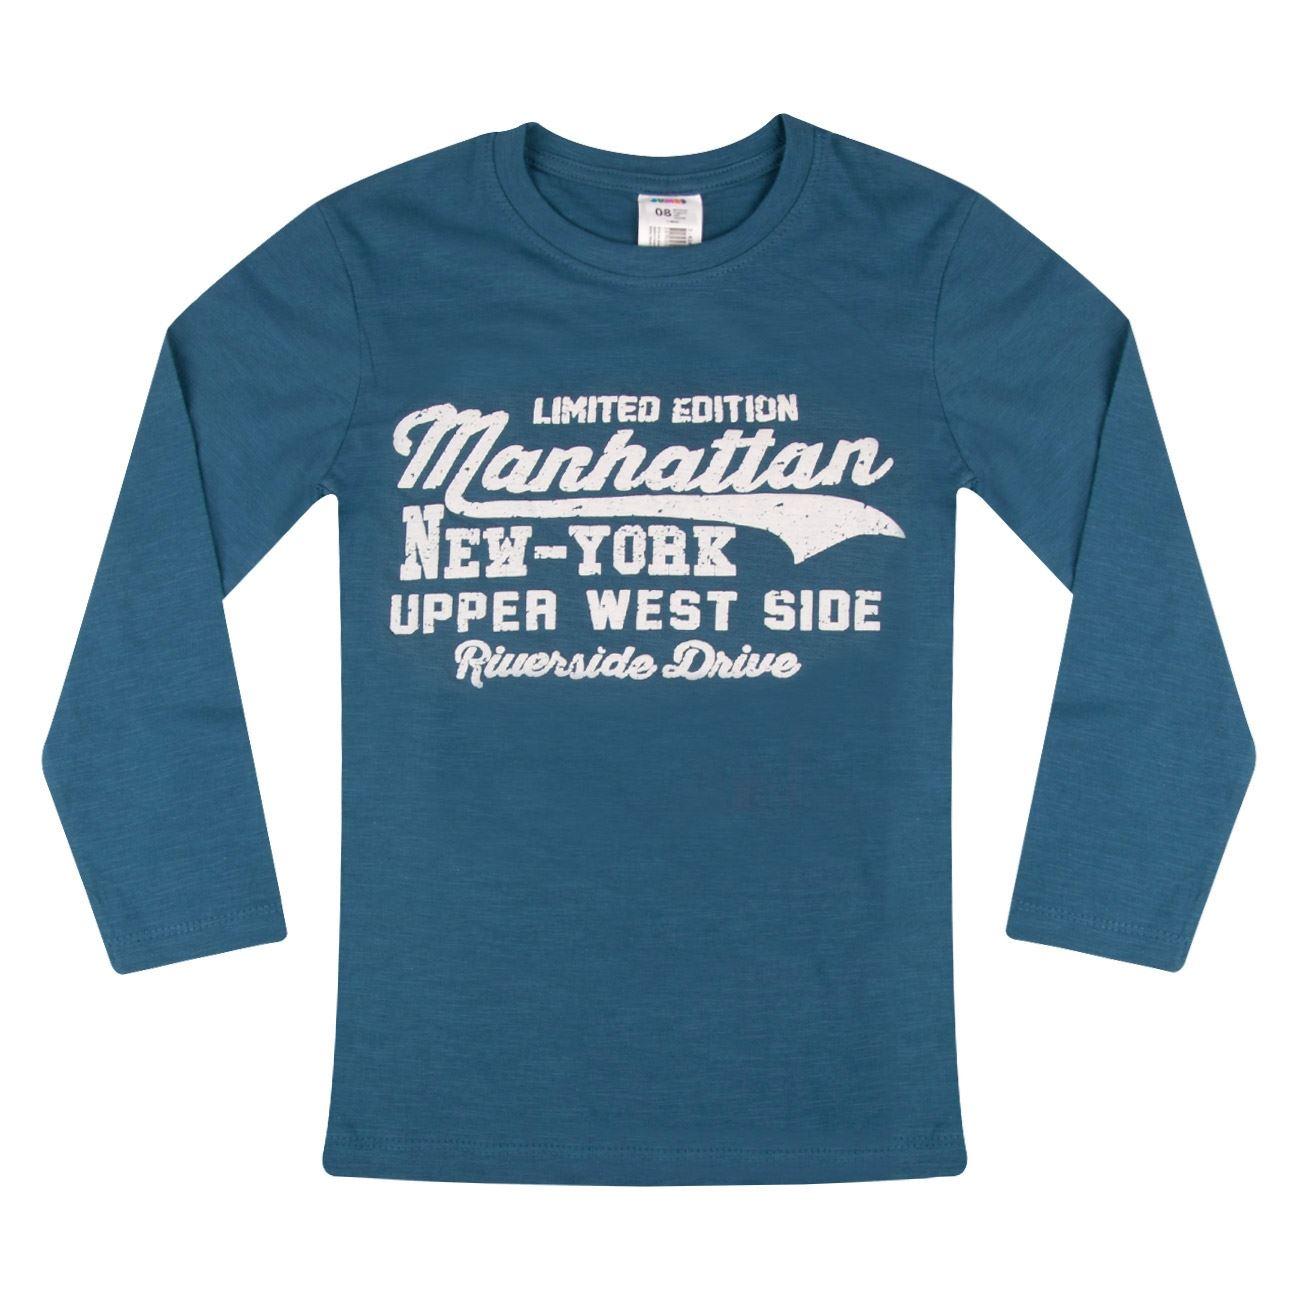 feee629c33c5 Μπλούζα Μακρυμάνικη Παιδική Μπλε Ραφ Τύπωμα   Μπλουζάκια Μακό για ...